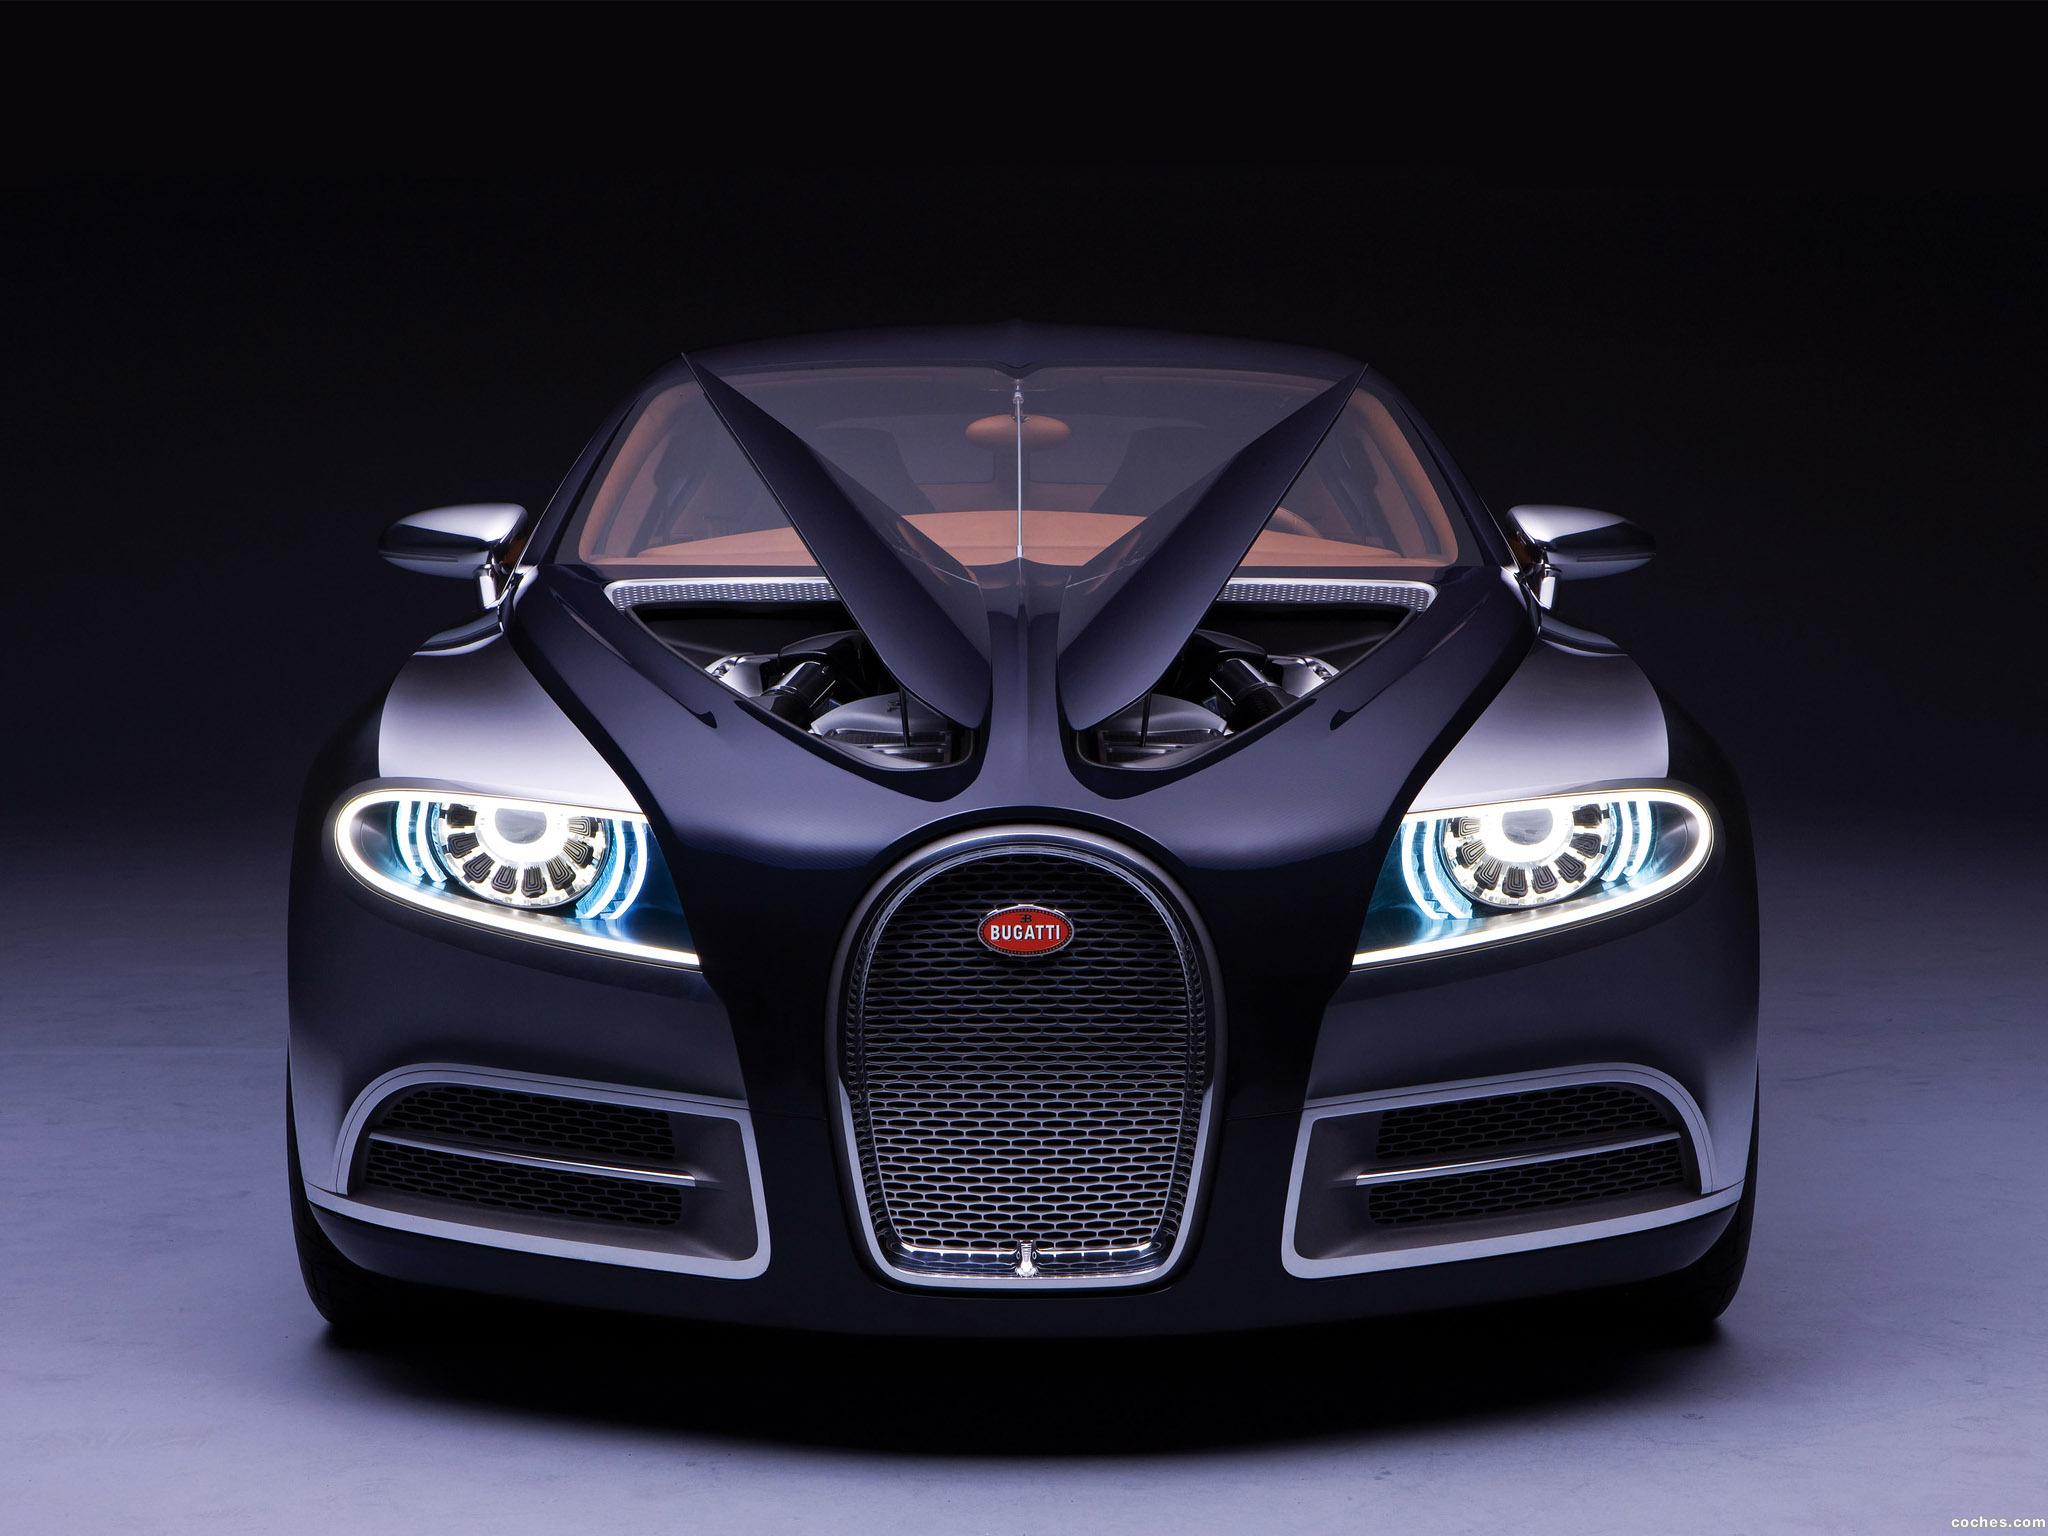 Foto 0 de Bugatti 16C Galibier Concept 2009